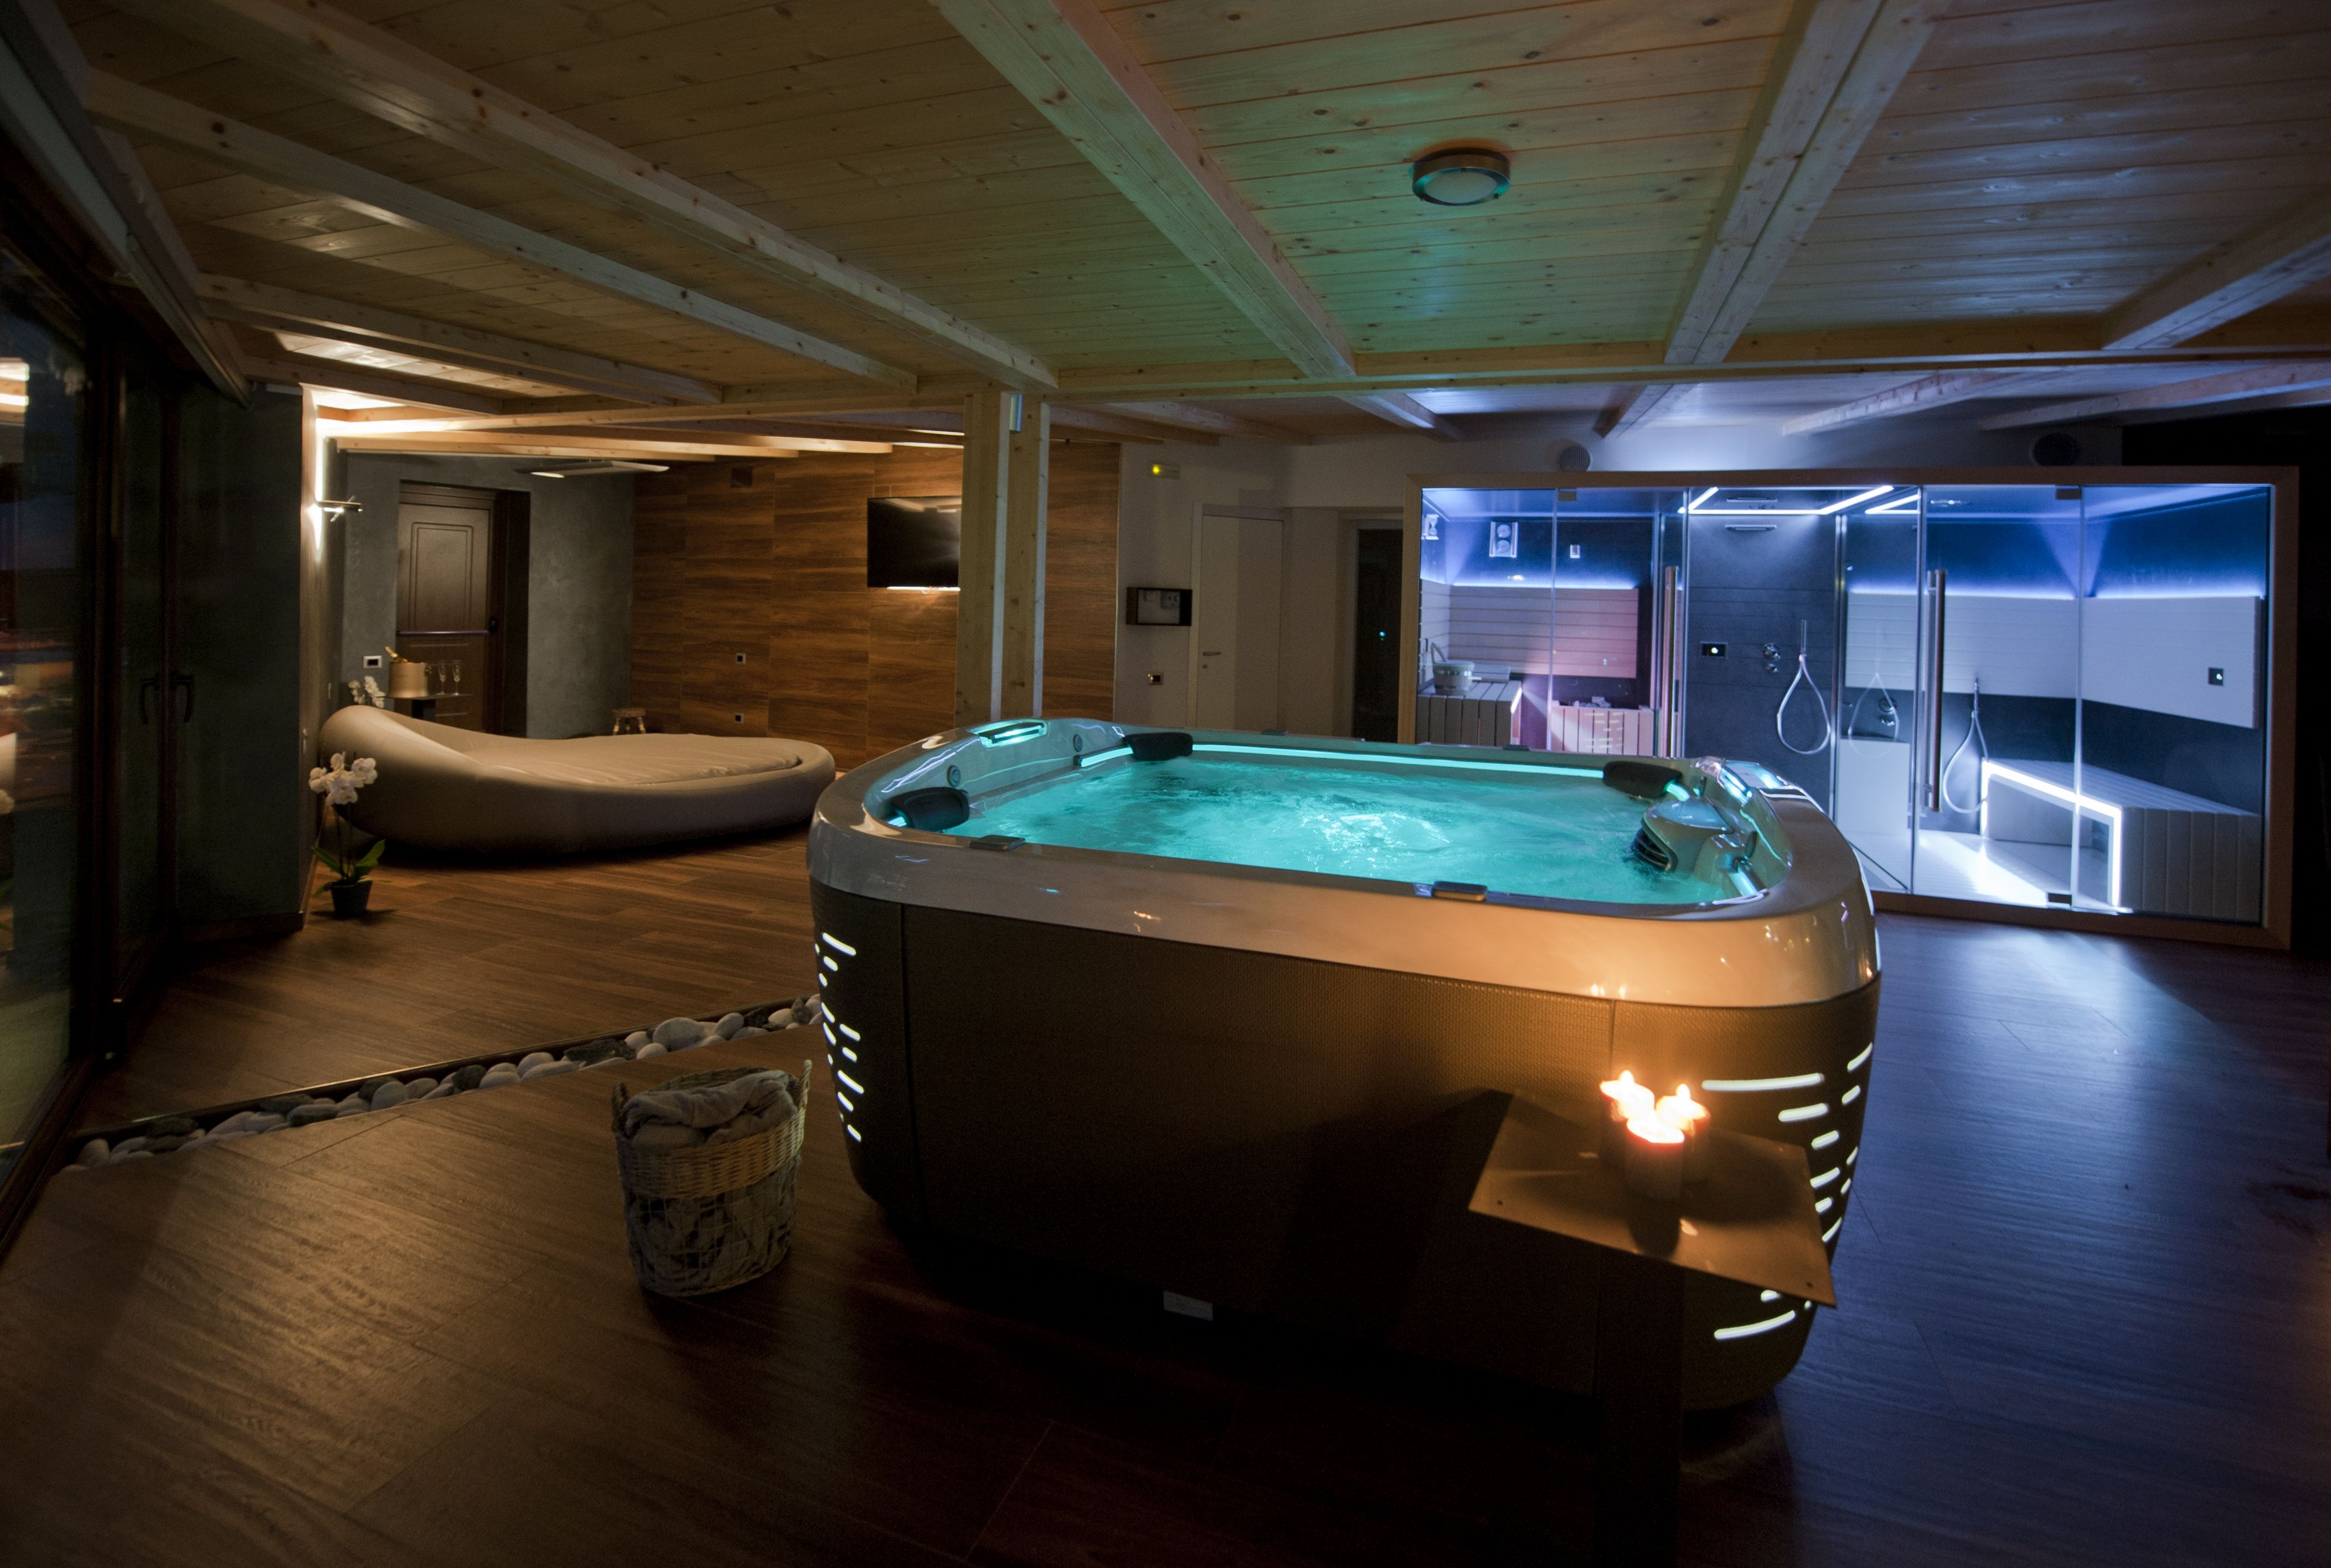 hotel boschetto spa privata jacuzzi j 500 spas. Black Bedroom Furniture Sets. Home Design Ideas